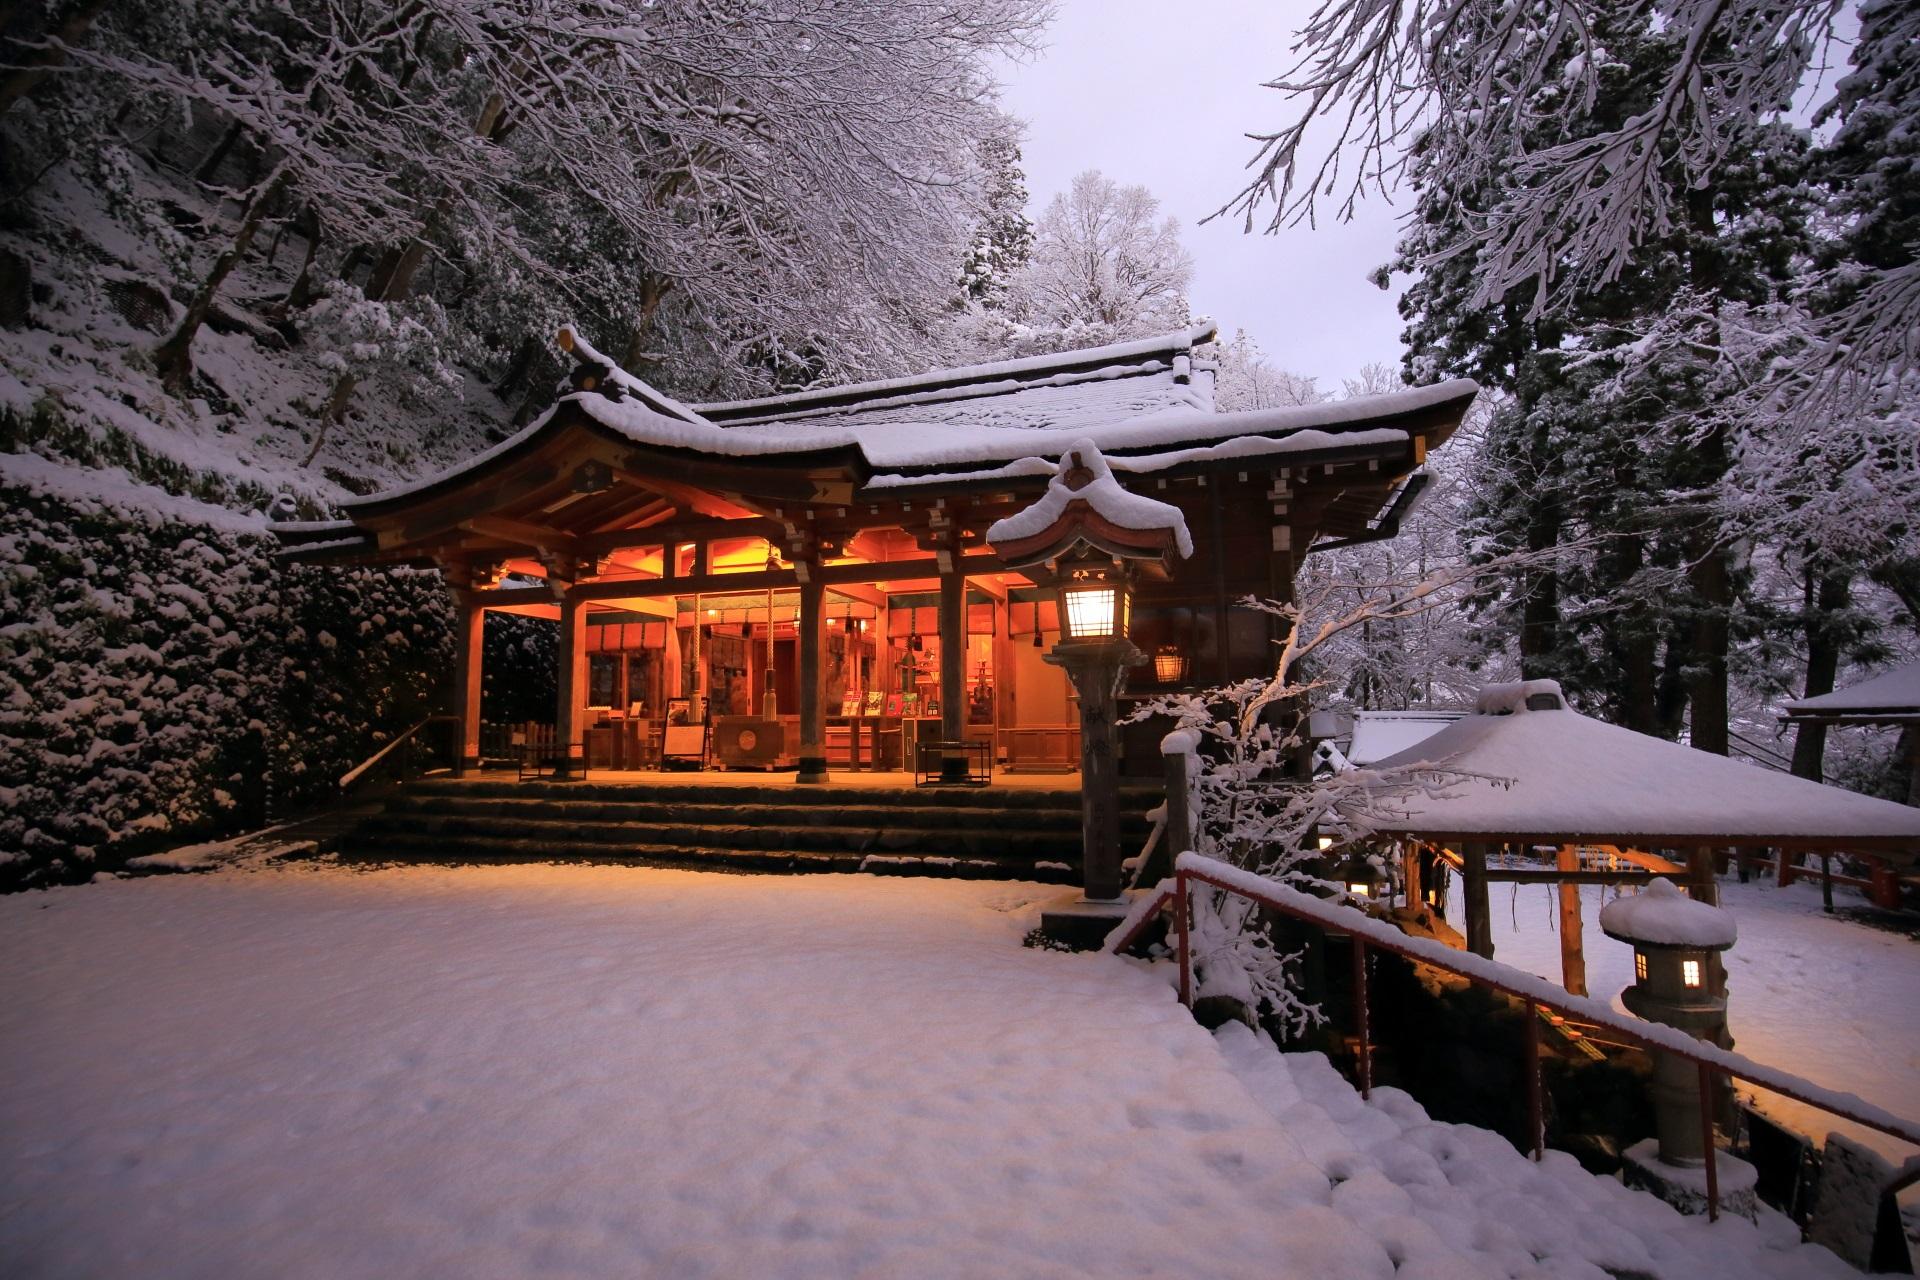 雪の中に佇む貴船神社の本宮